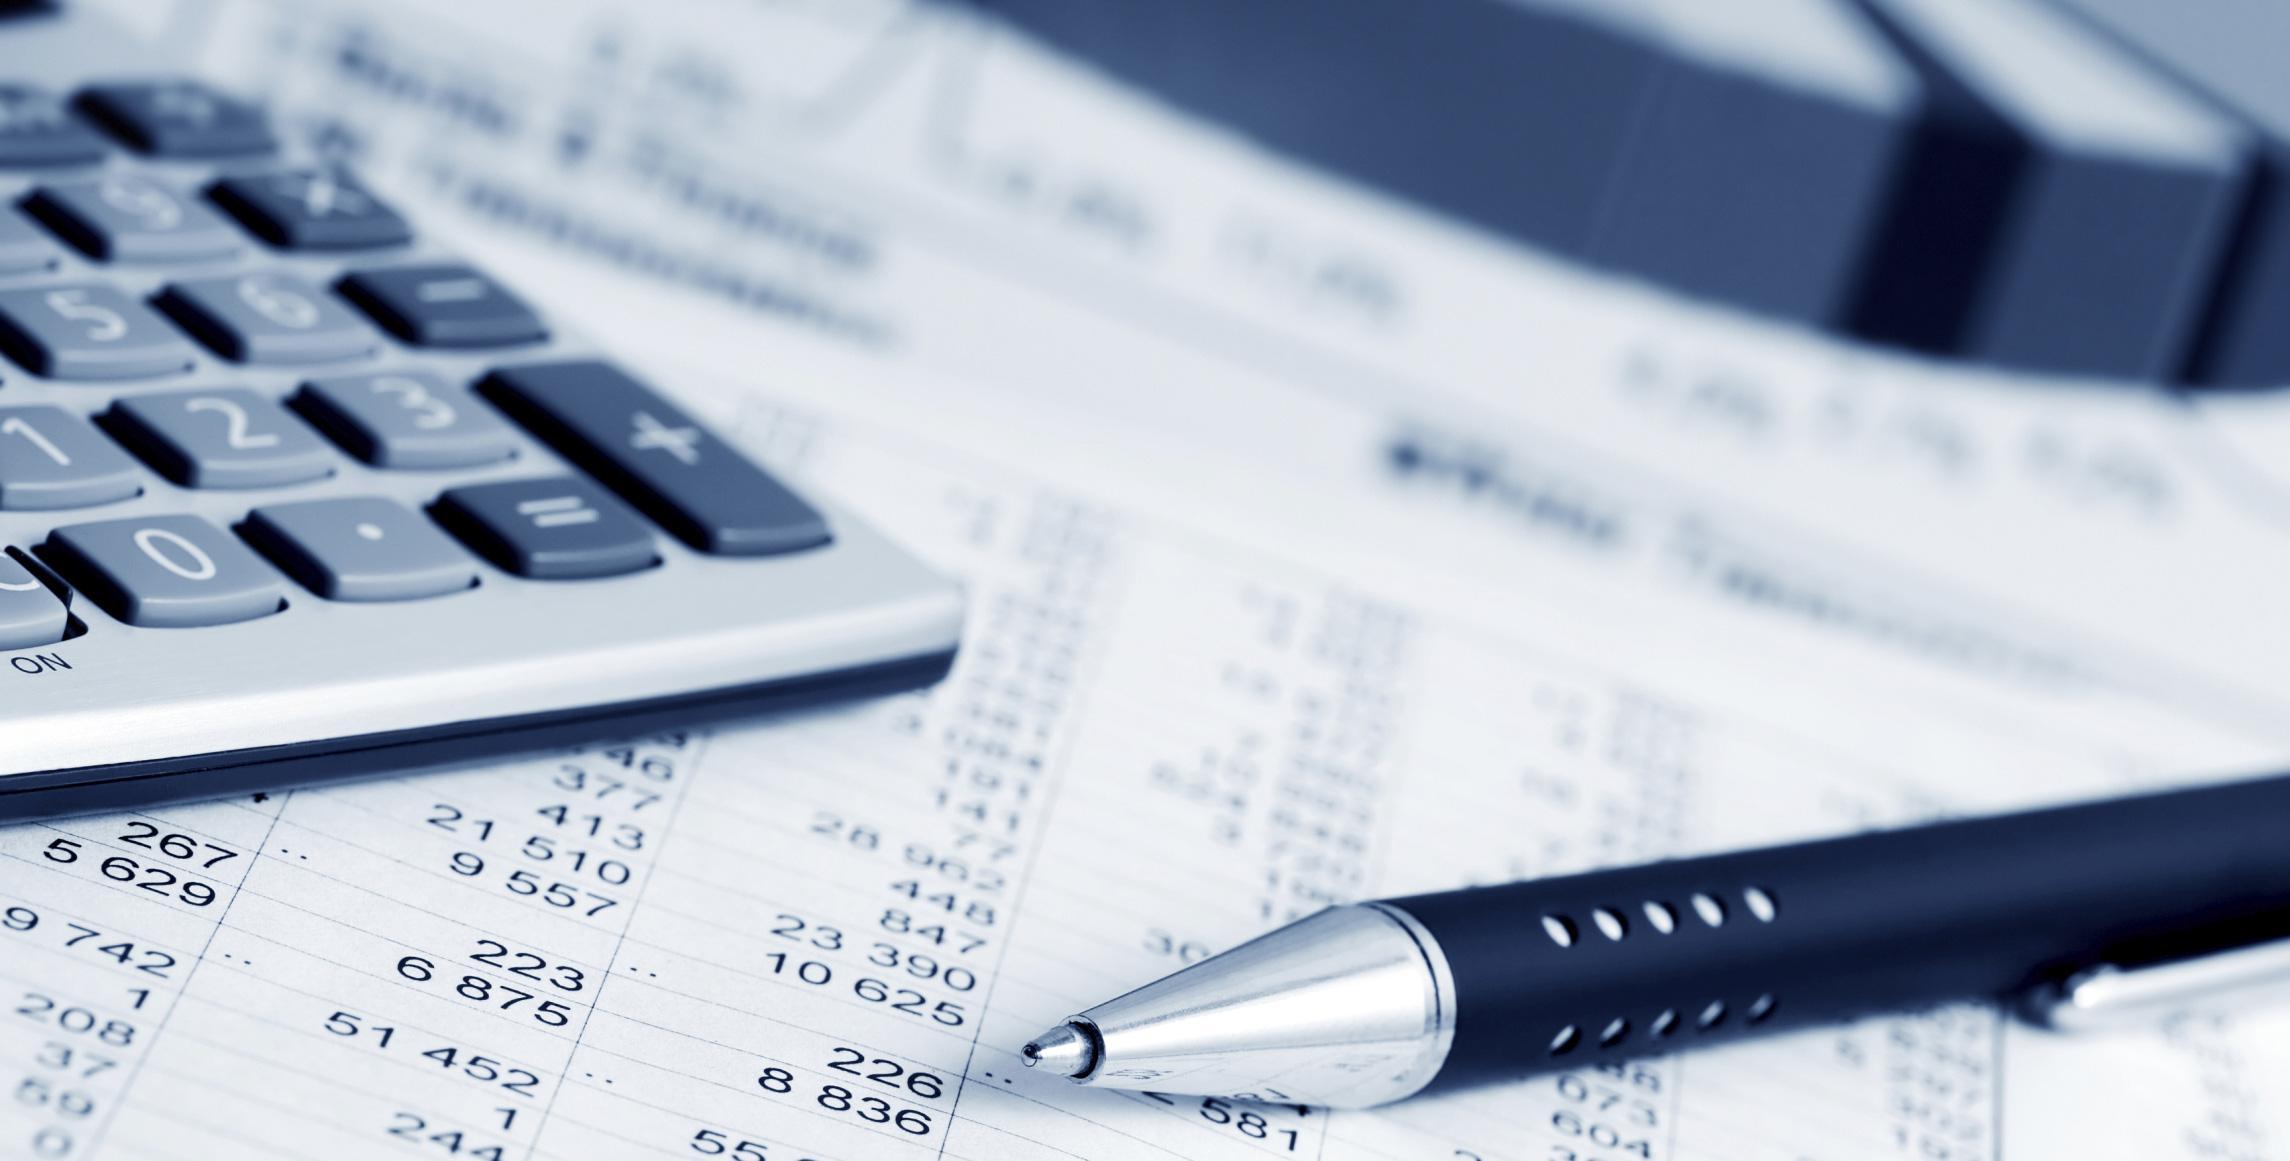 Comptabilité : on vous dit ce qu'un logiciel comptable est capable de faire pour vous.